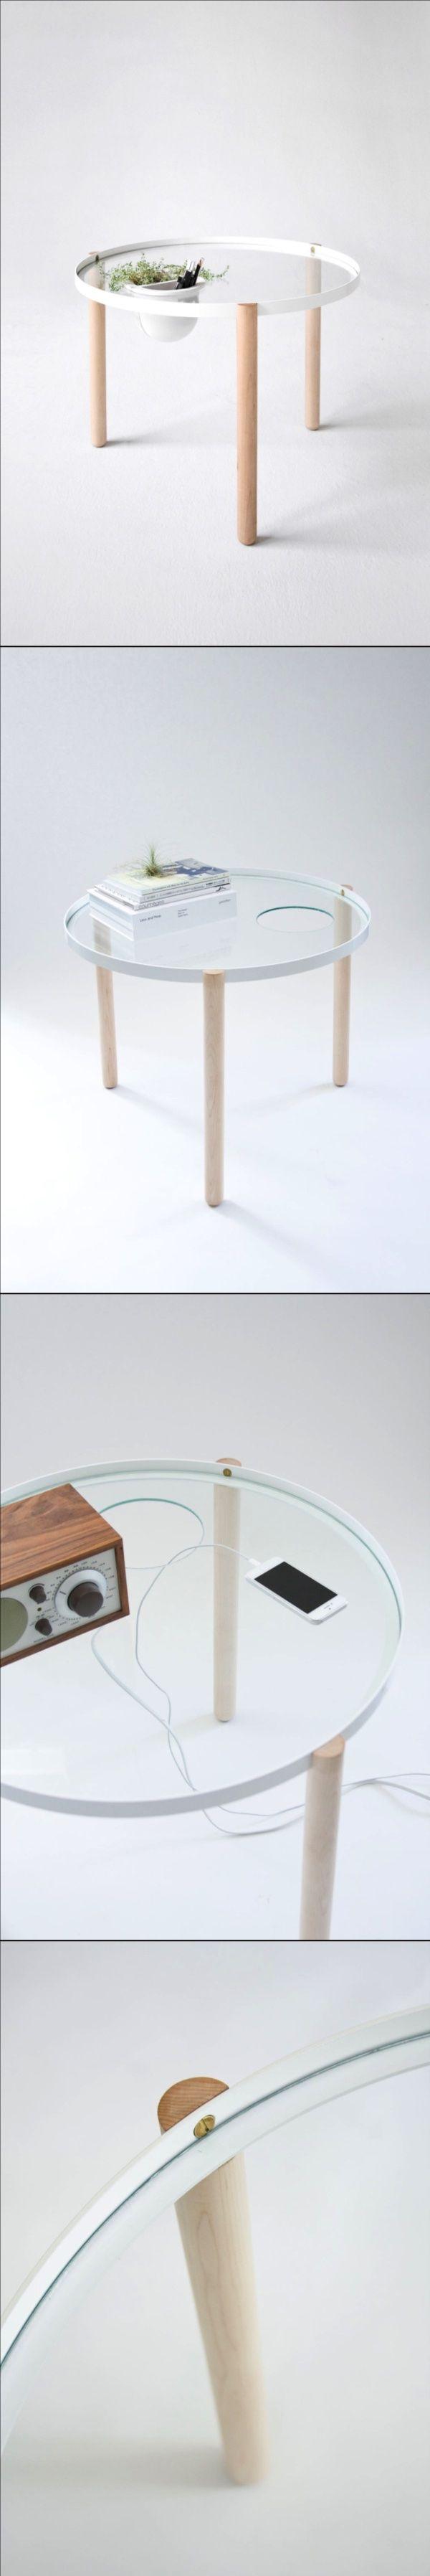 42 besten Coffee Table Bilder auf Pinterest   Wohnzimmertische ...